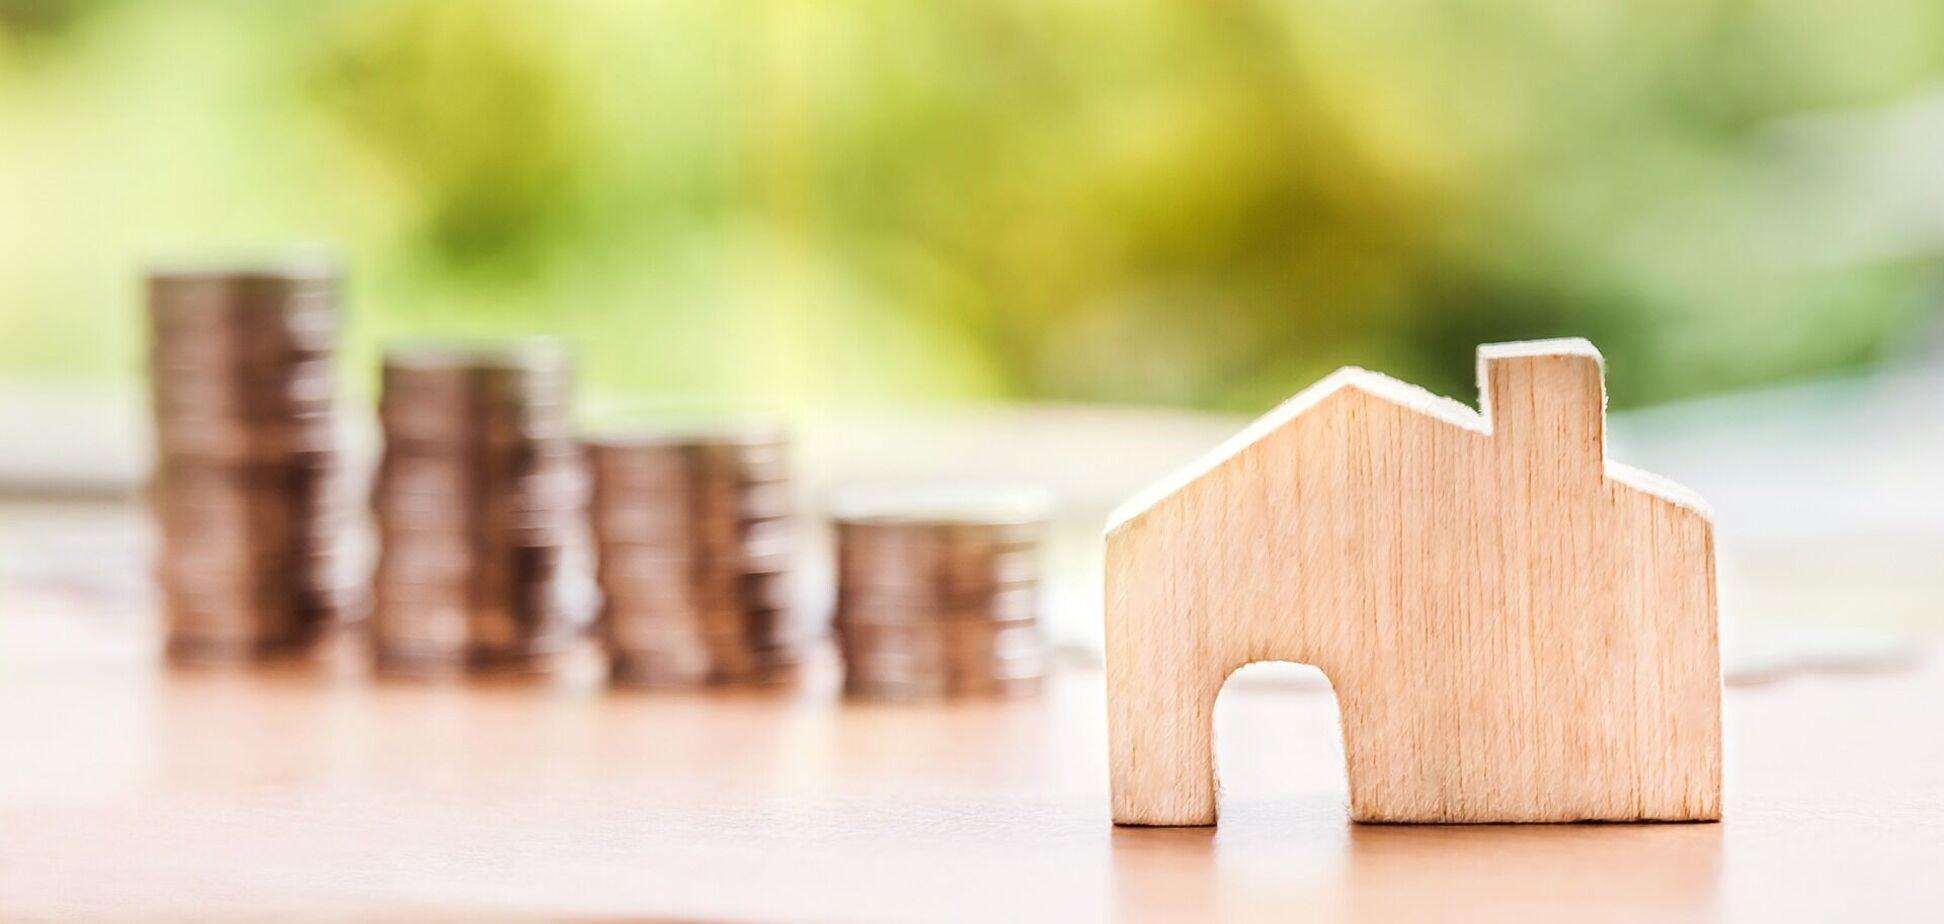 Цены на квартиры в Киеве могут резко взлететь